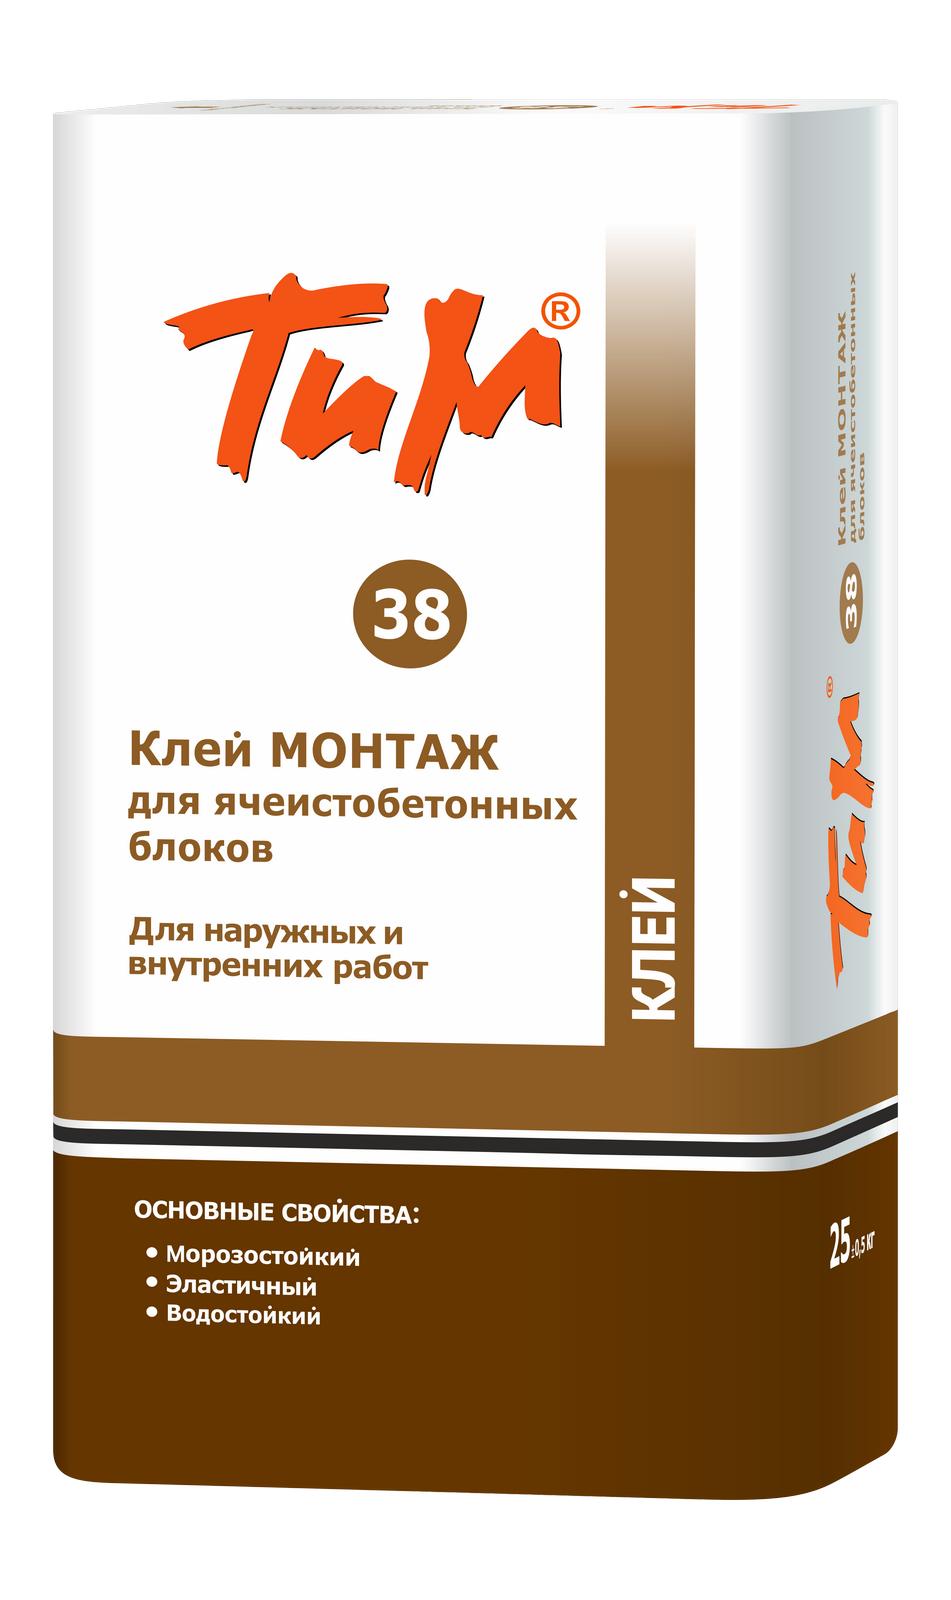 Клей МОНТАЖ для ячеистобетонных блоков ТиМ №38